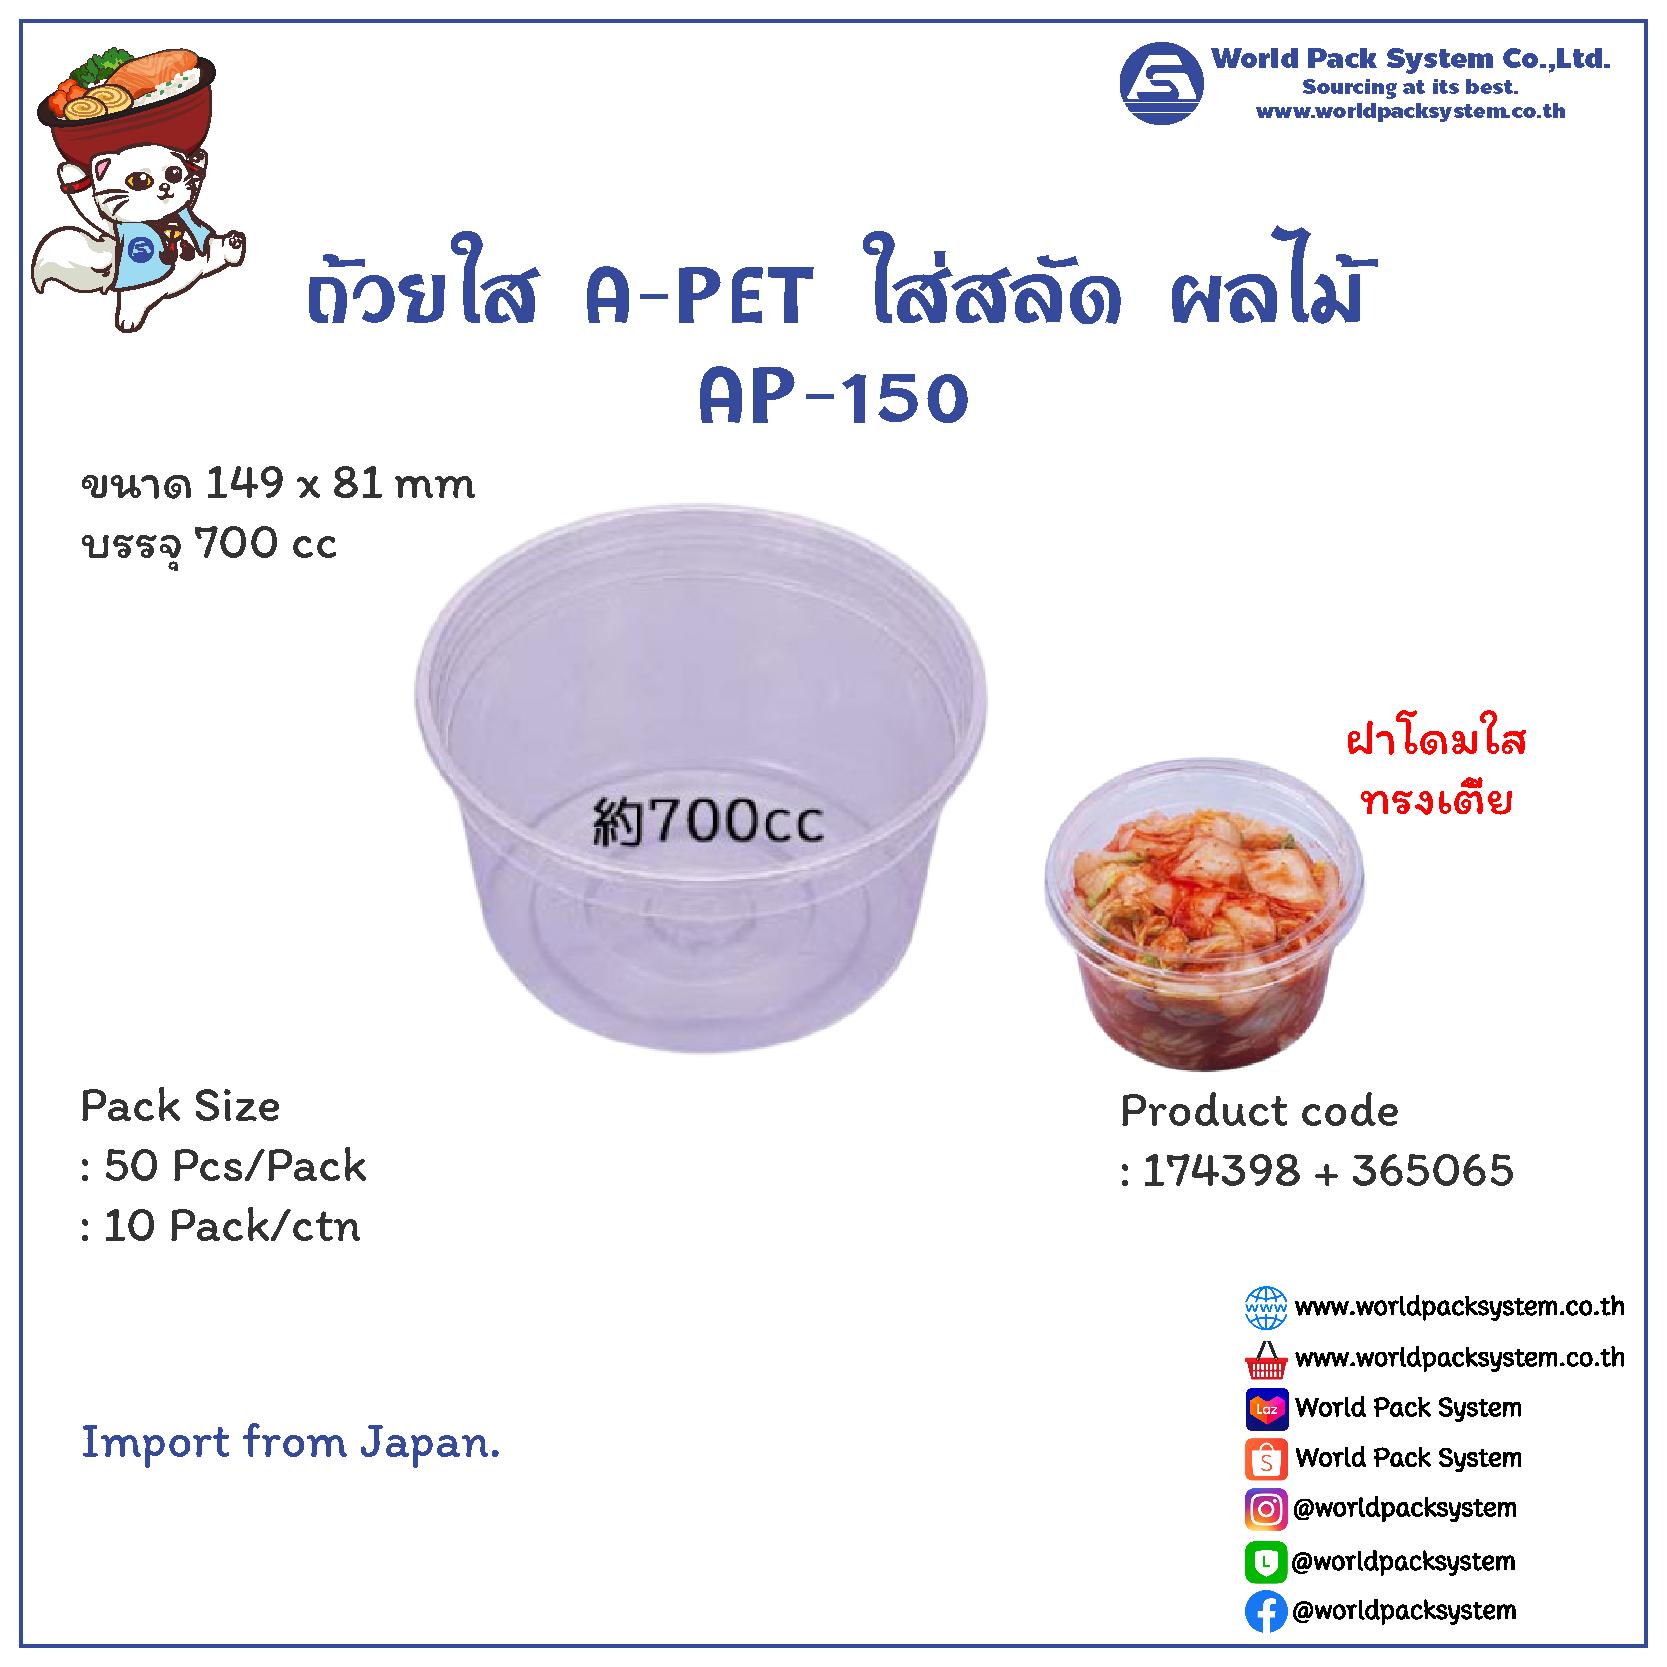 ถ้วยใส ใส่สลัด ผลไม้ A-PET AP-150 ขนาด 700 cc (50 ชุด)